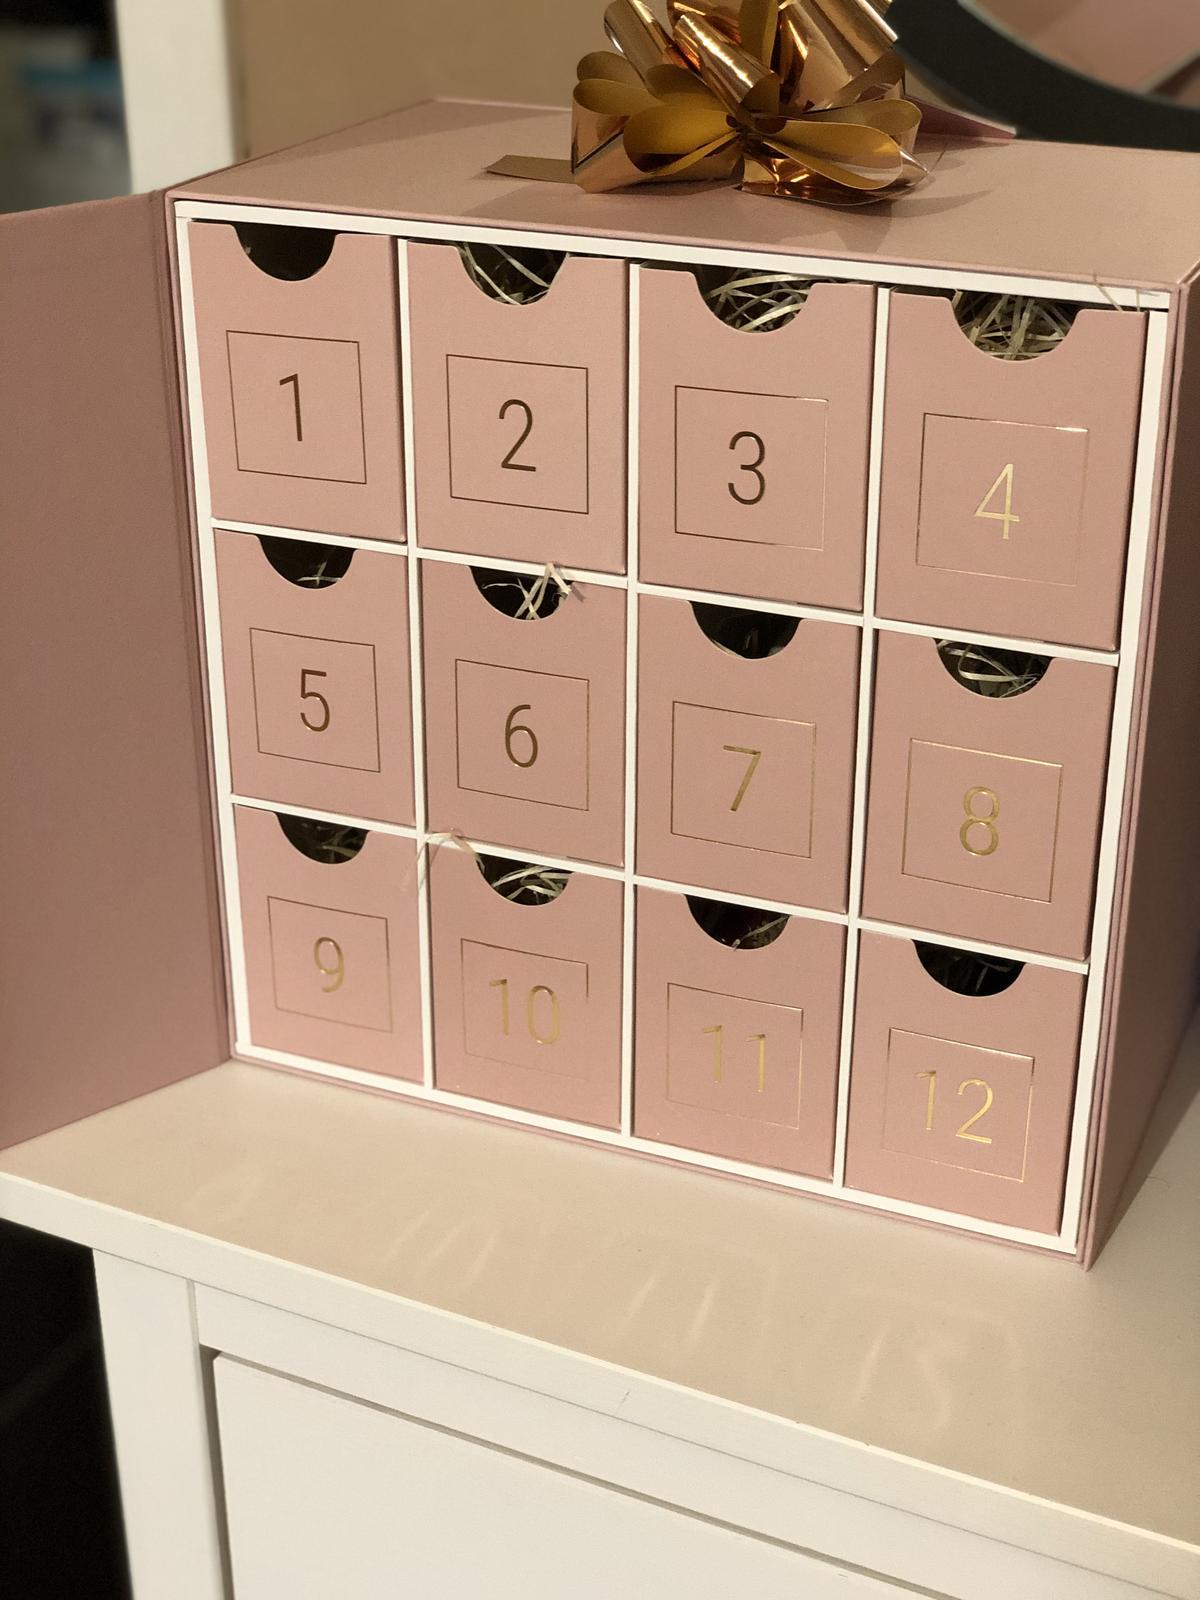 Tyano - Kalendář pro nevěstu - Obrázek č. 2